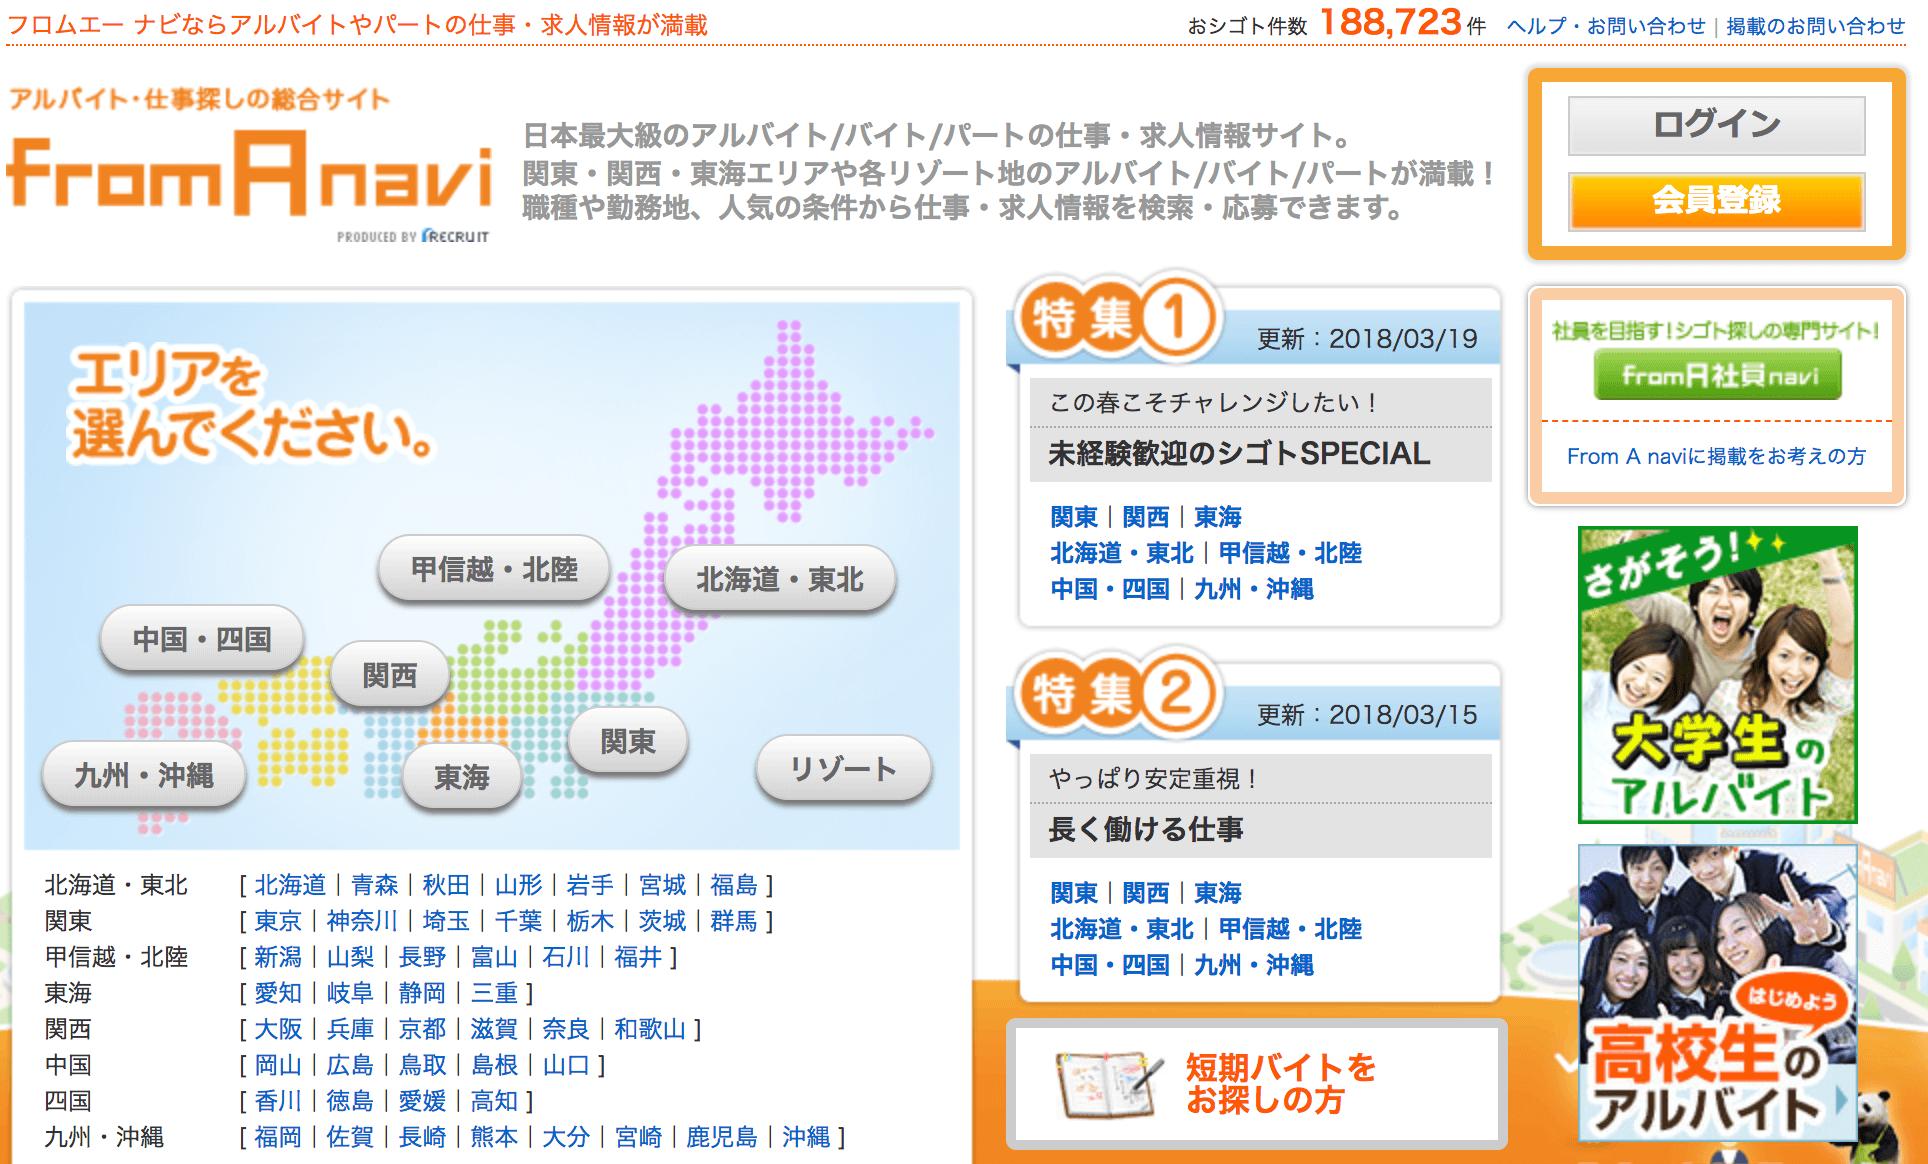 fromAnavi(フロム・エー ナビ)